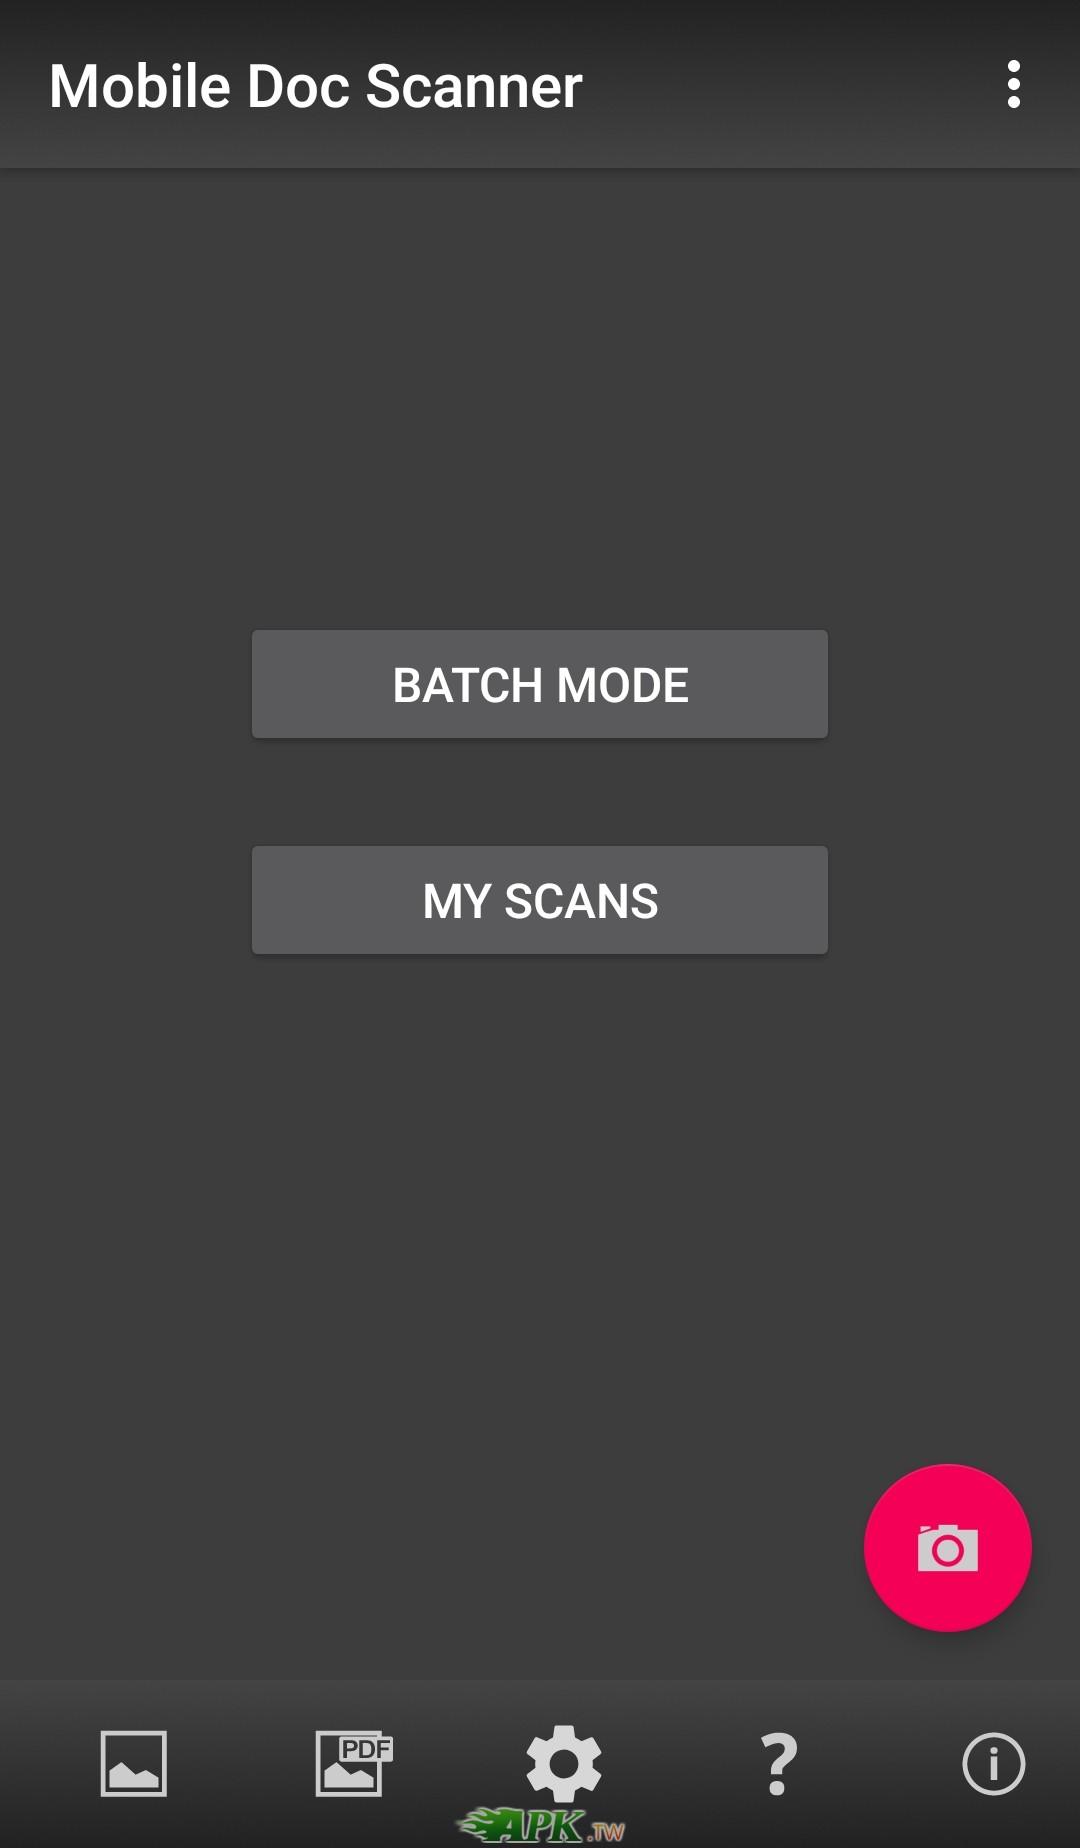 MDScan__3.jpg